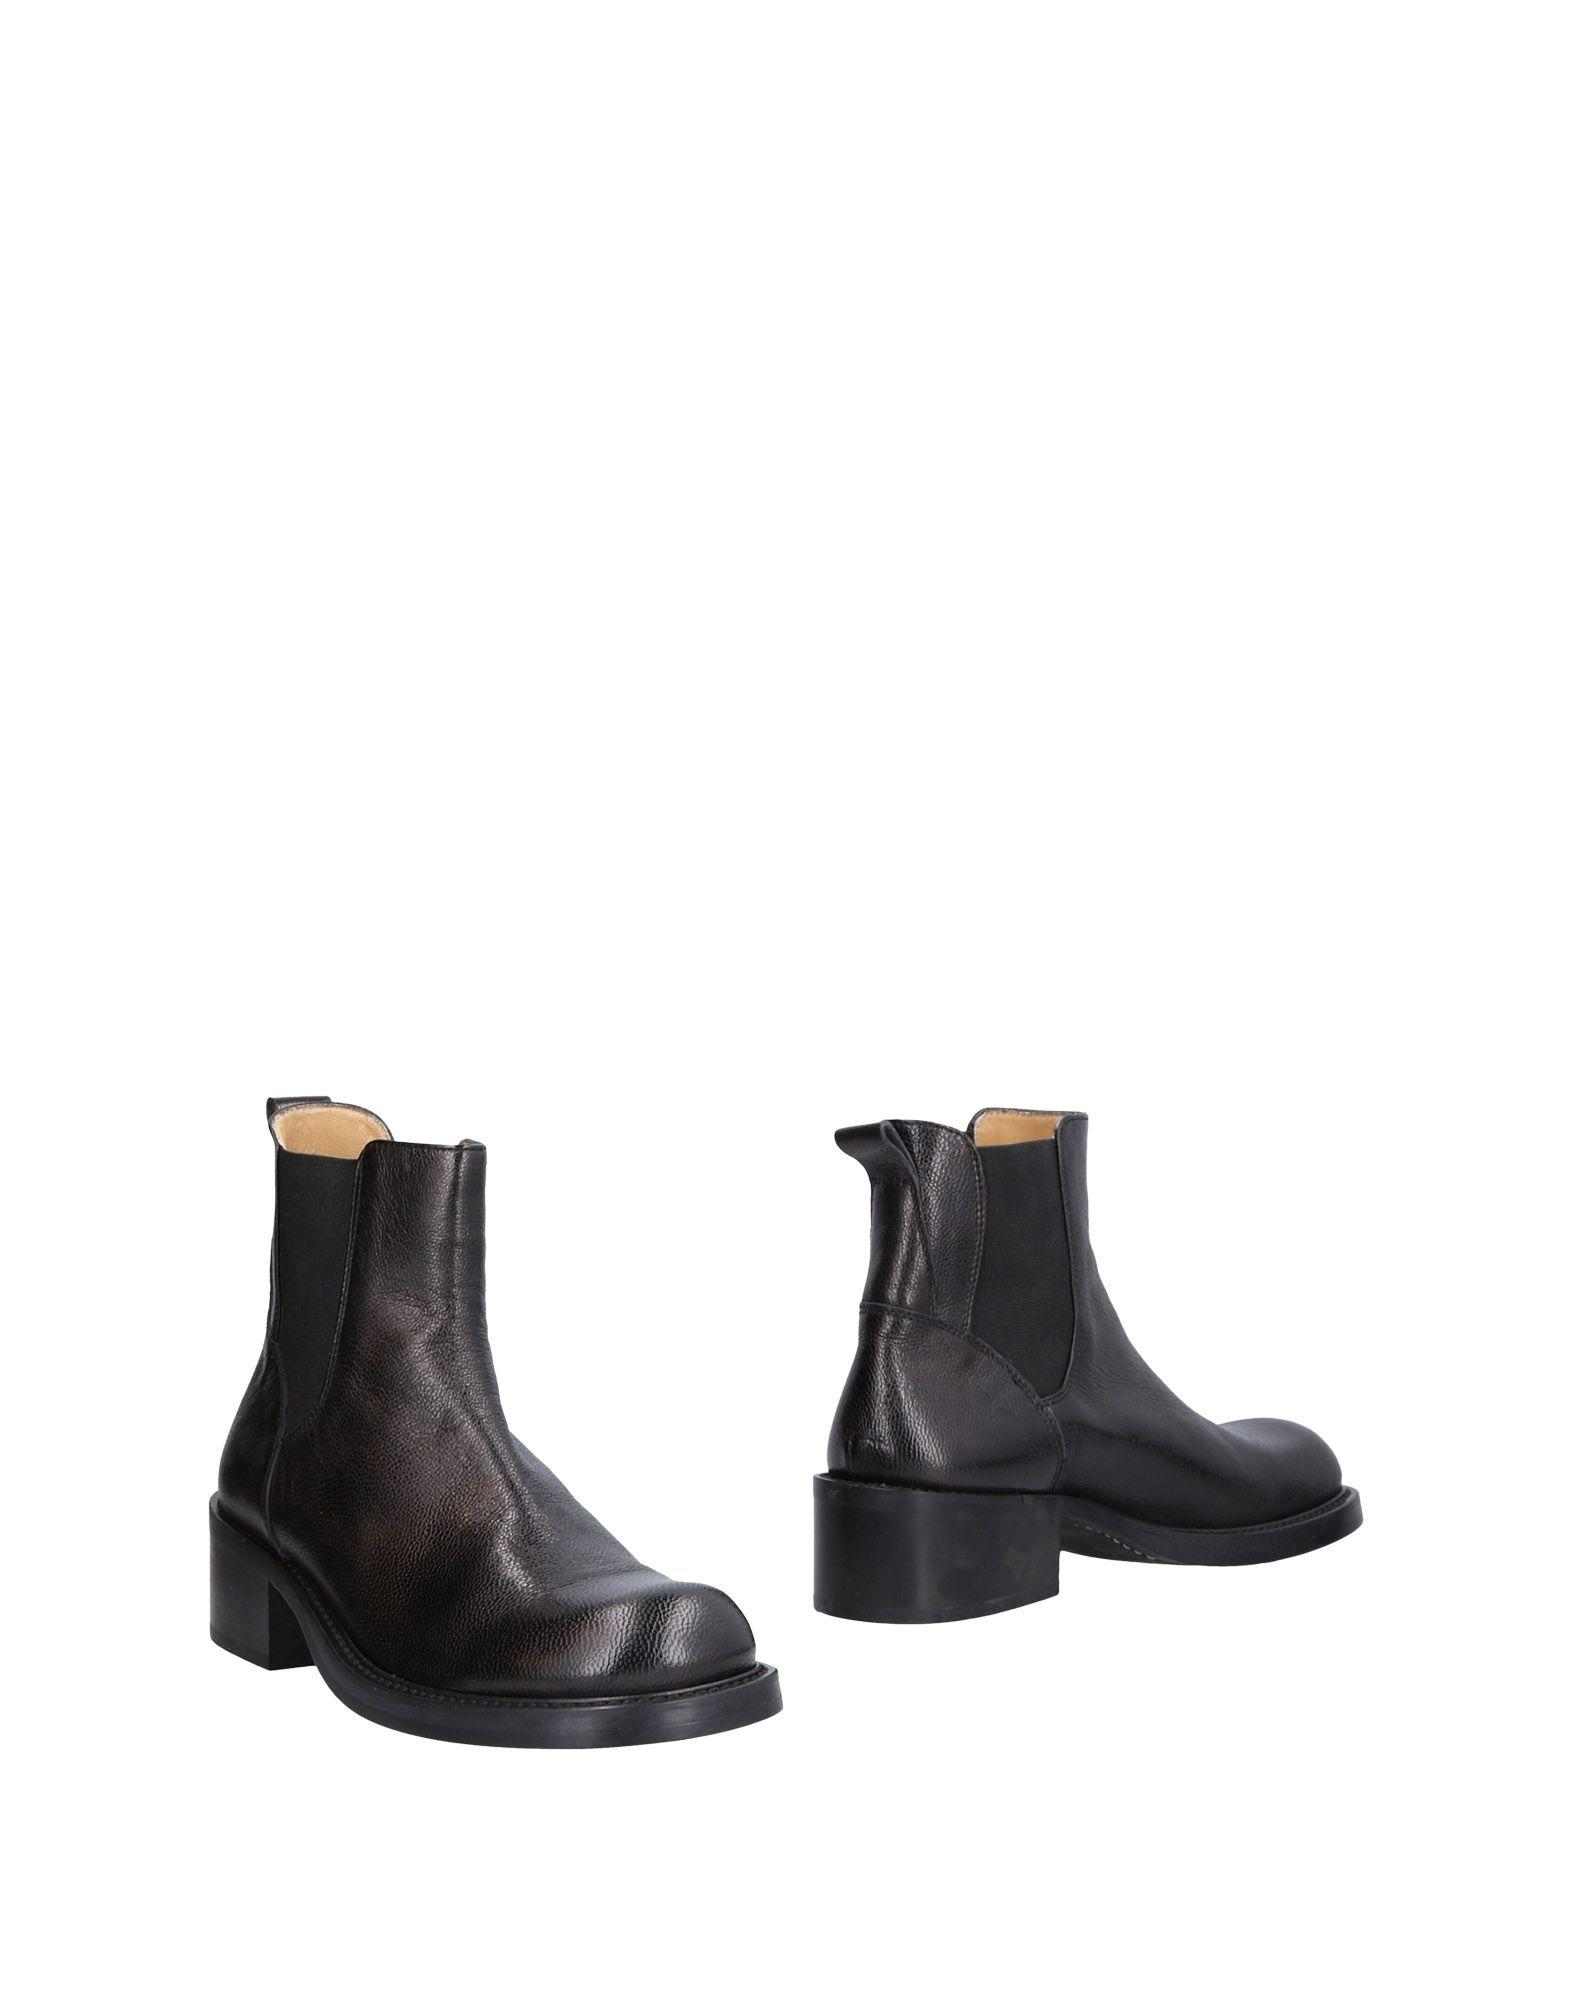 BUTTERO? Ankle boot Black Women